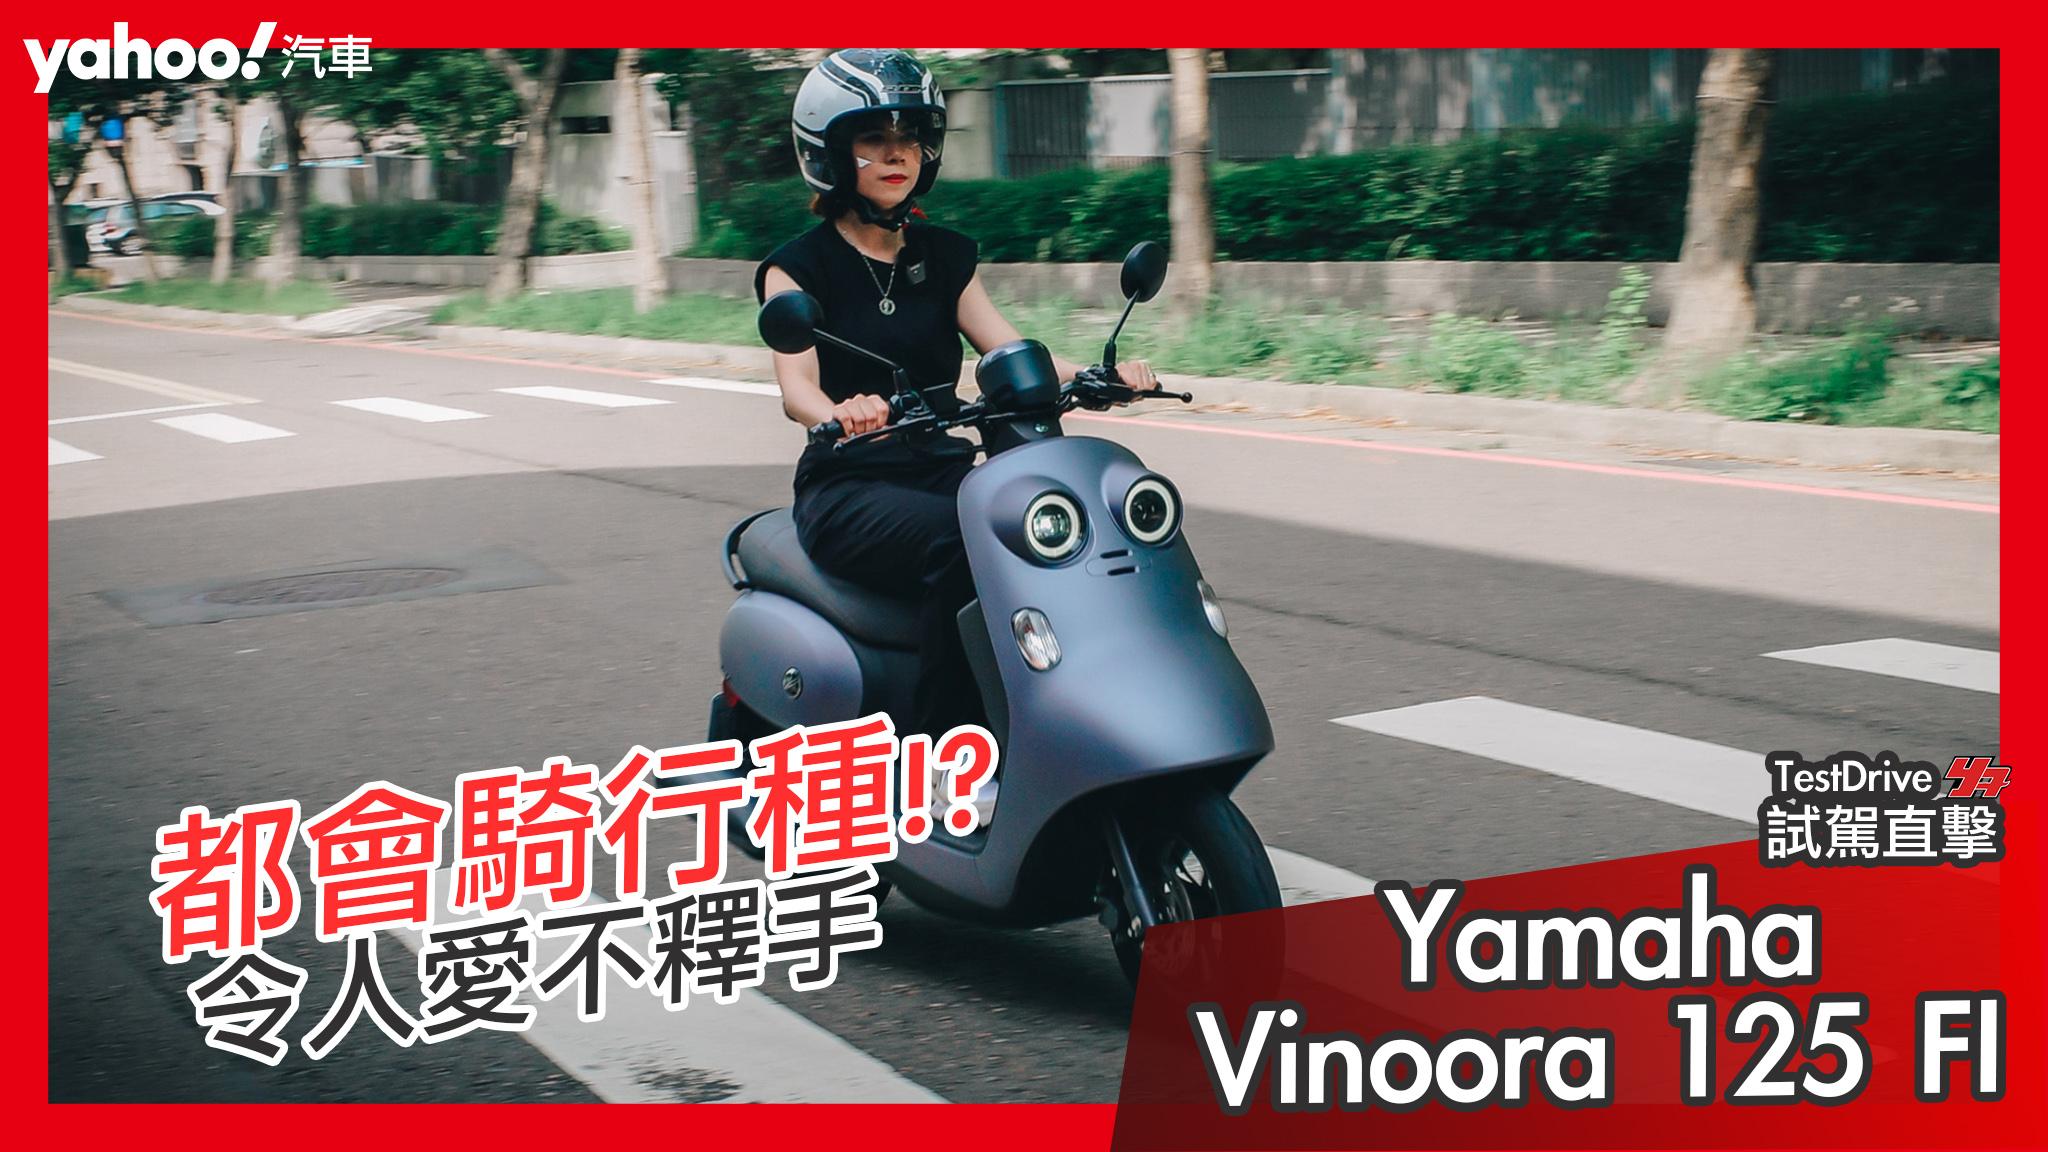 【試駕直擊】2021 Yamaha Vinoora 125 FI桃園試駕!讓人愛不釋手的都會騎行種!